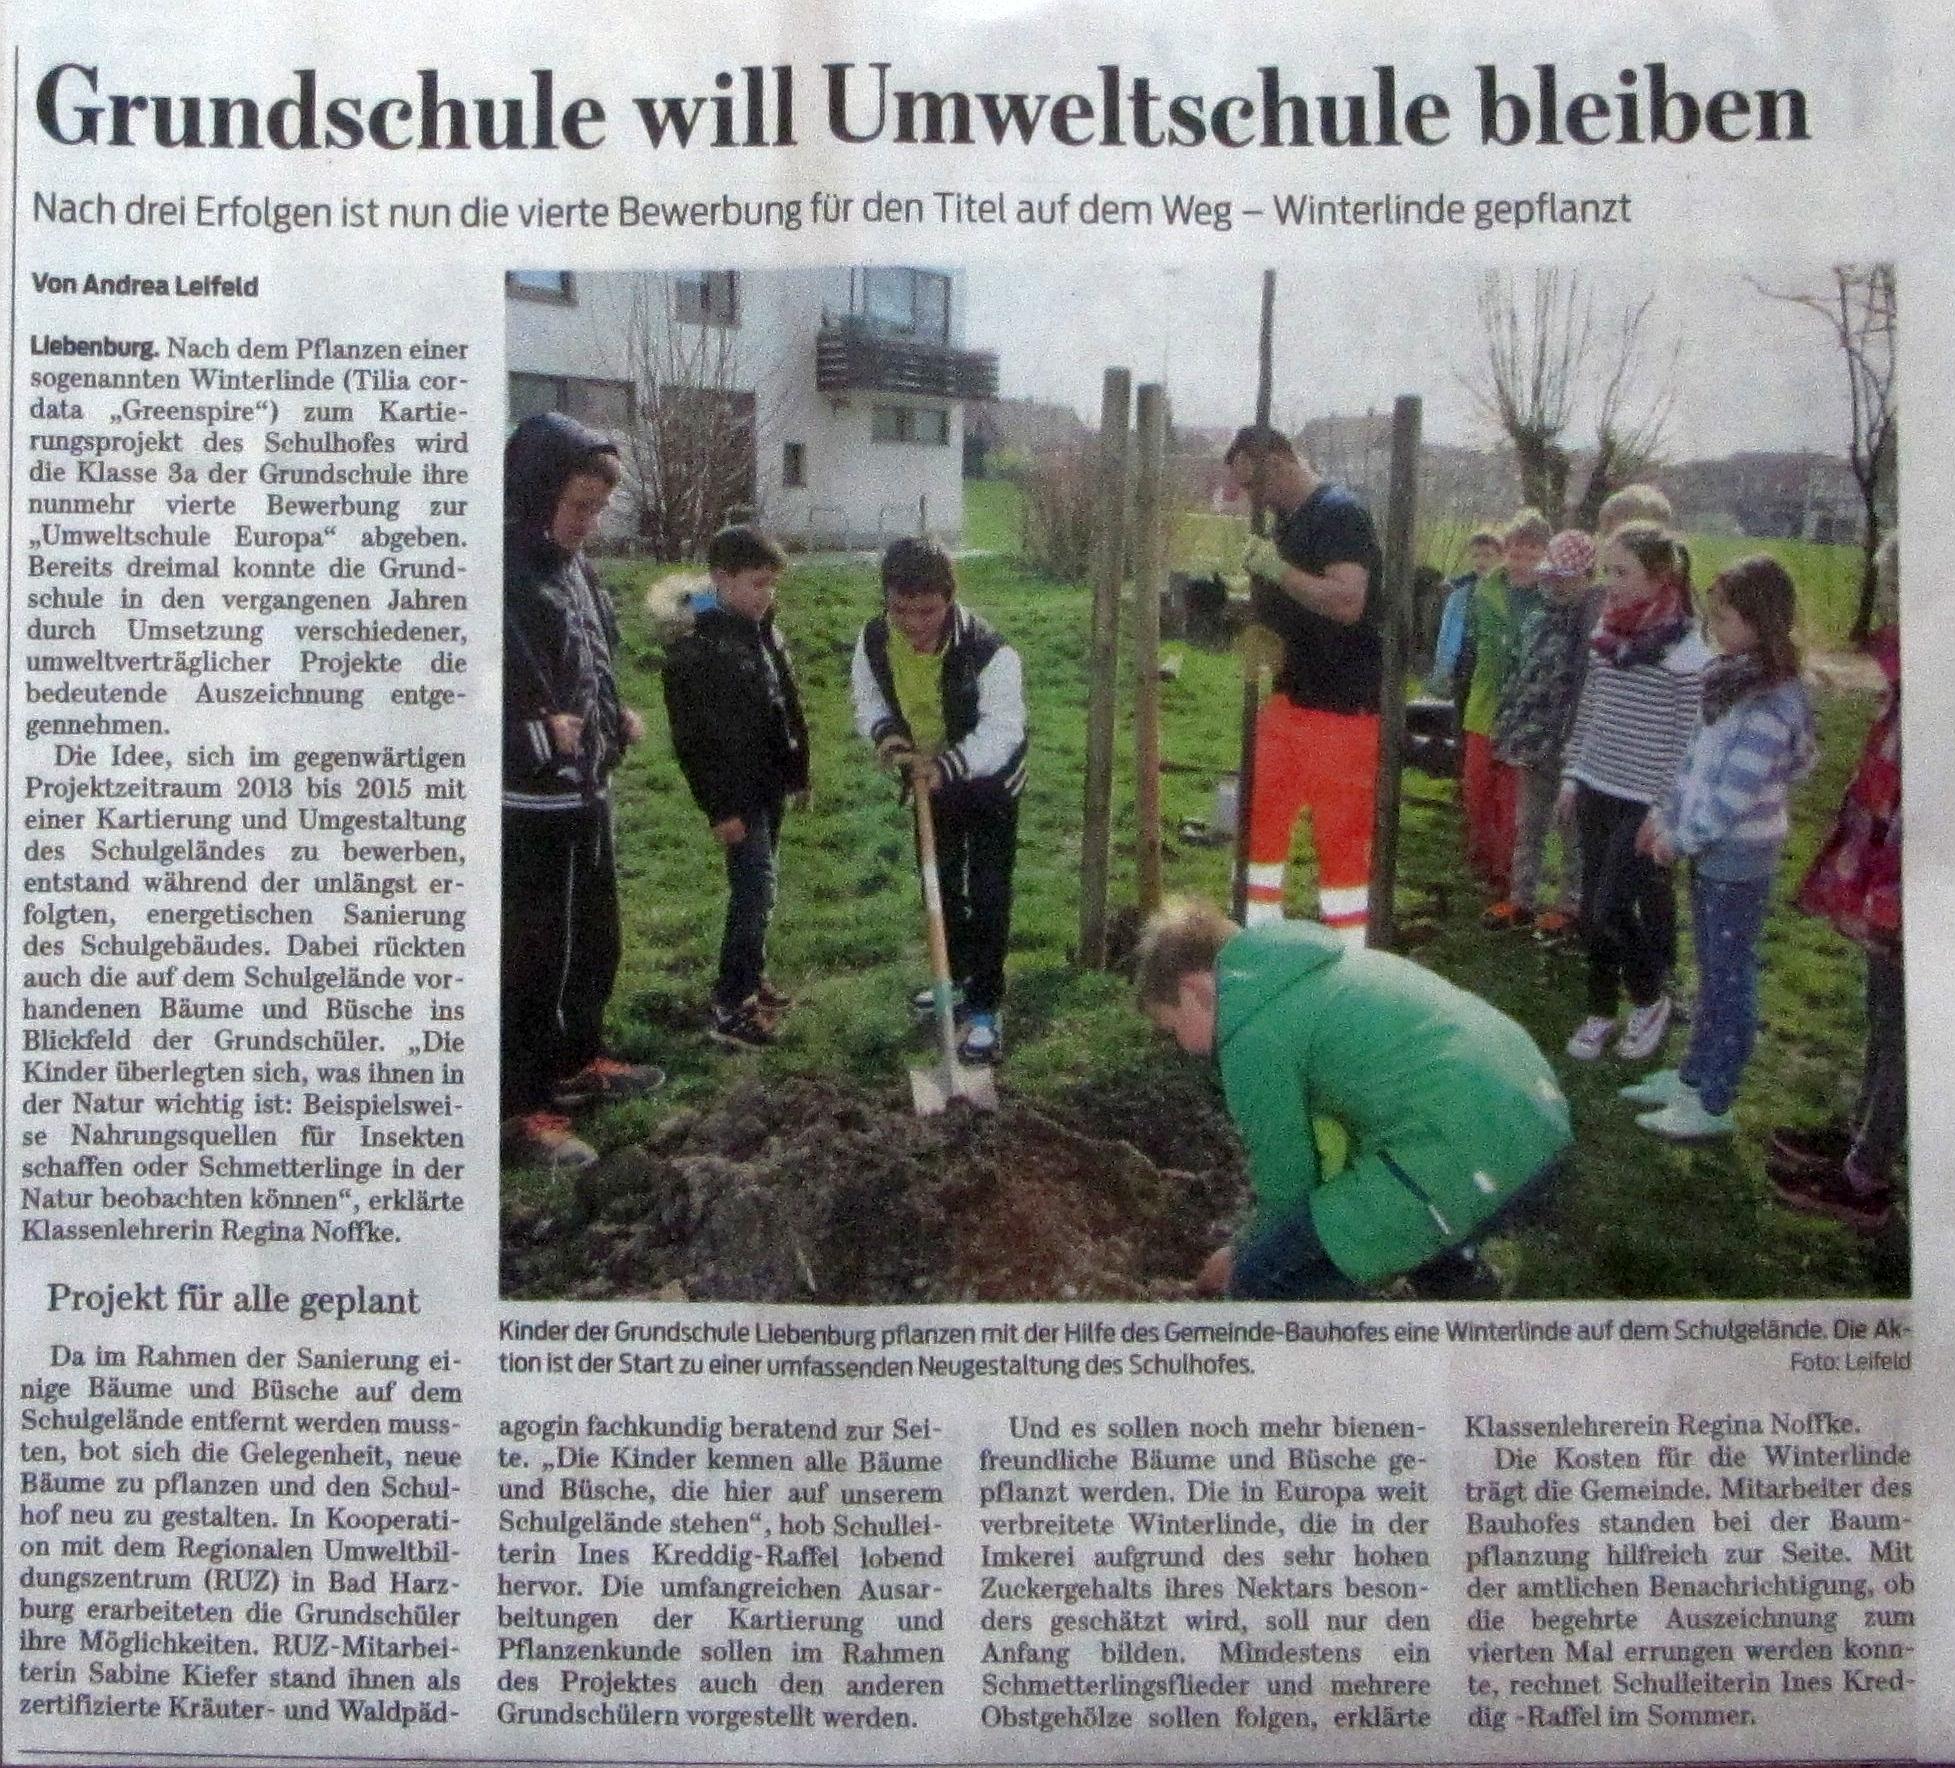 Zeitungsartikel aus der Goslarschen Zeitung vom 16.04.2015